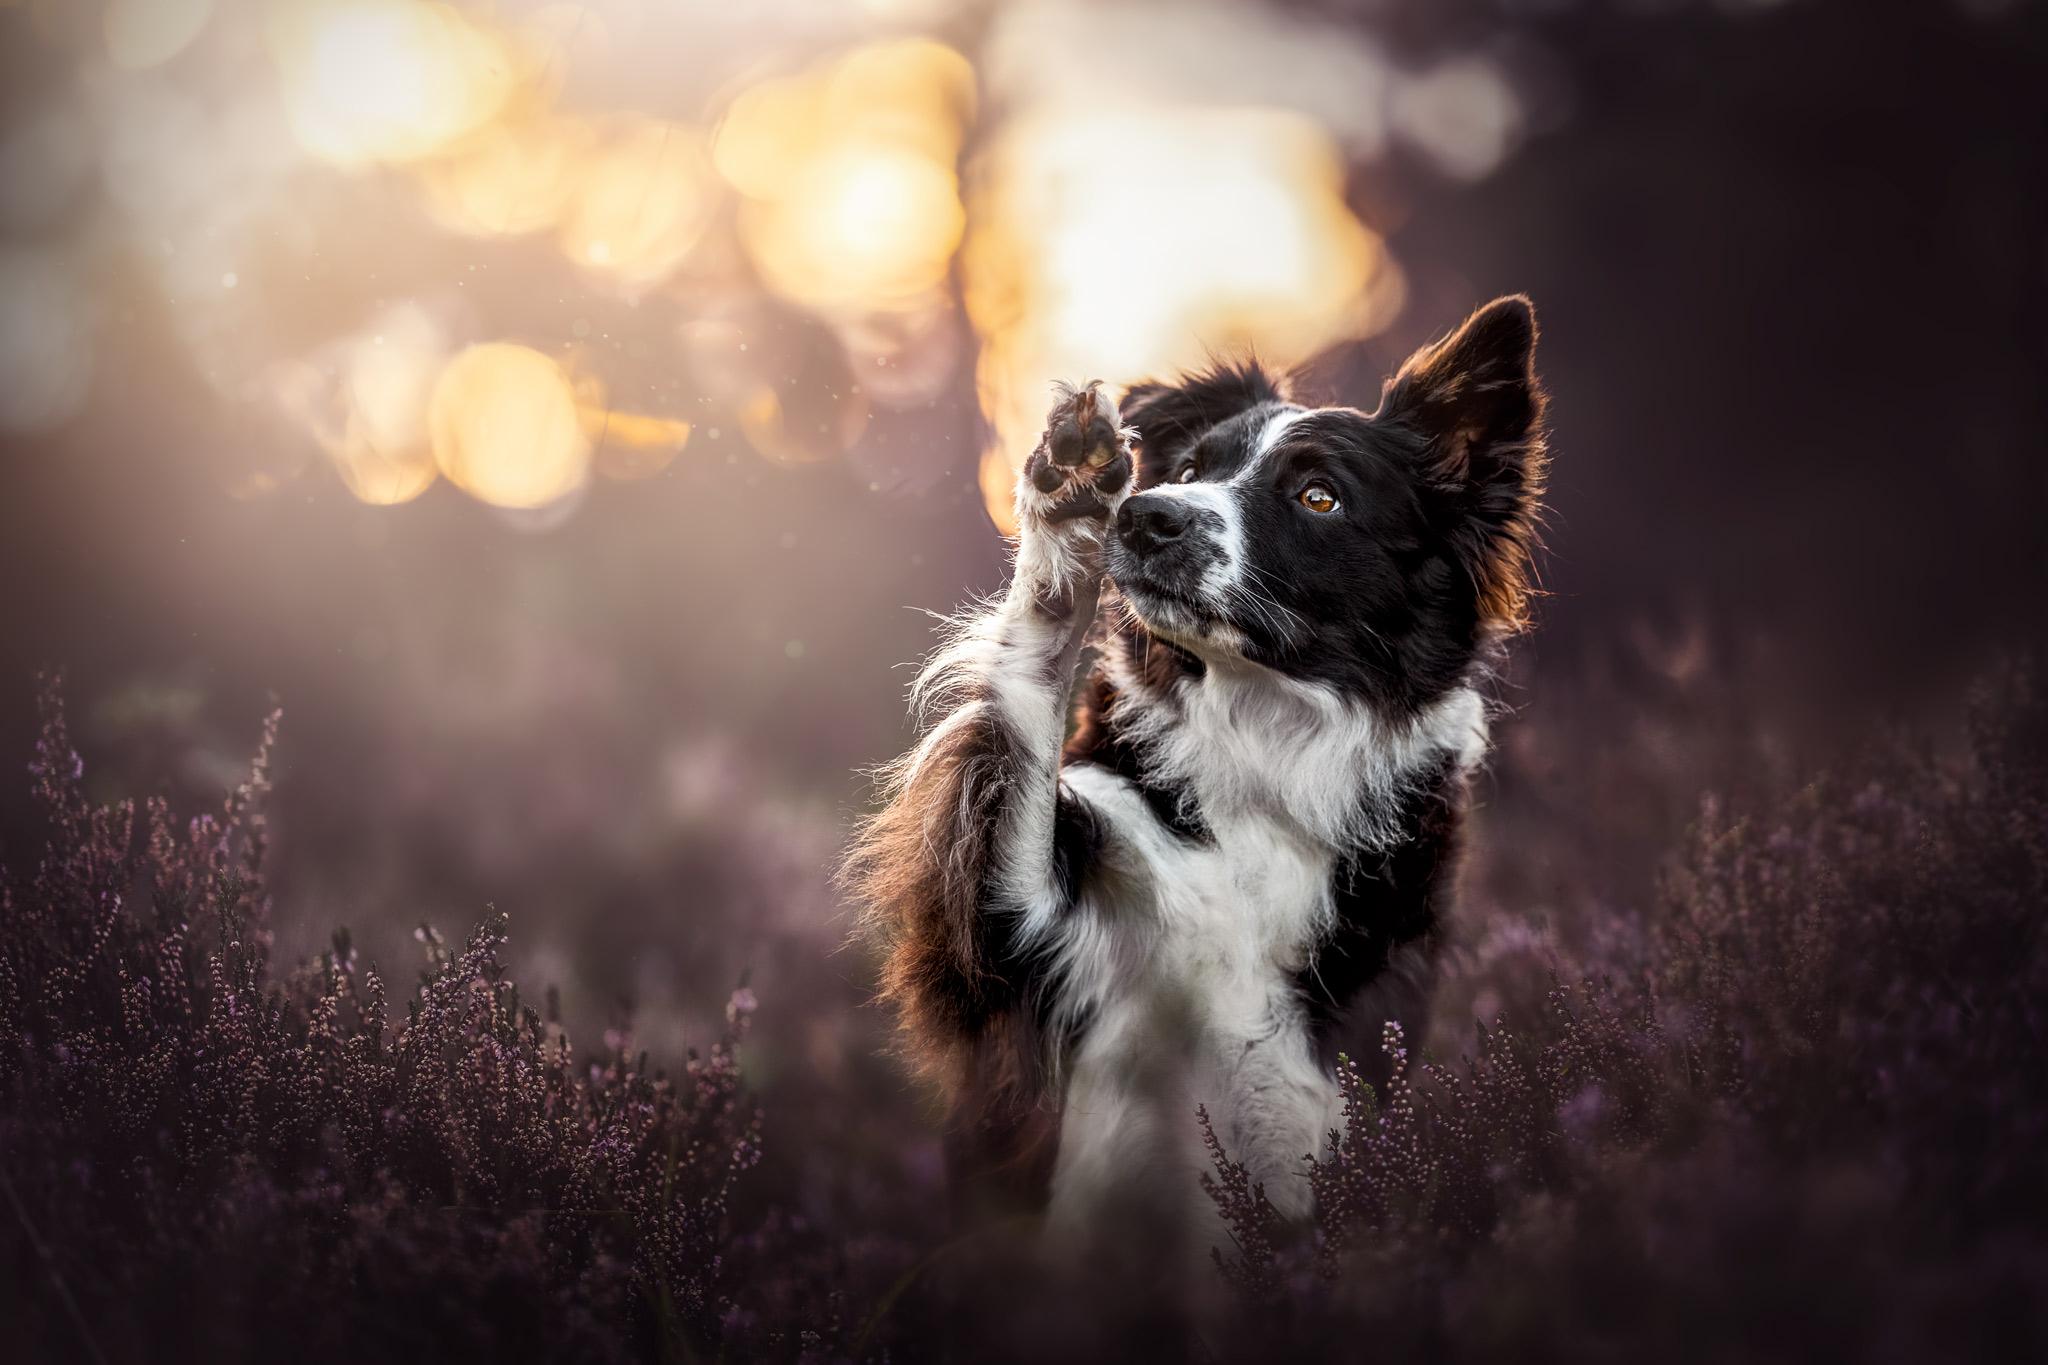 Winkender schwarz-weißer Border Collie in der Heide bei Sonnenuntergang